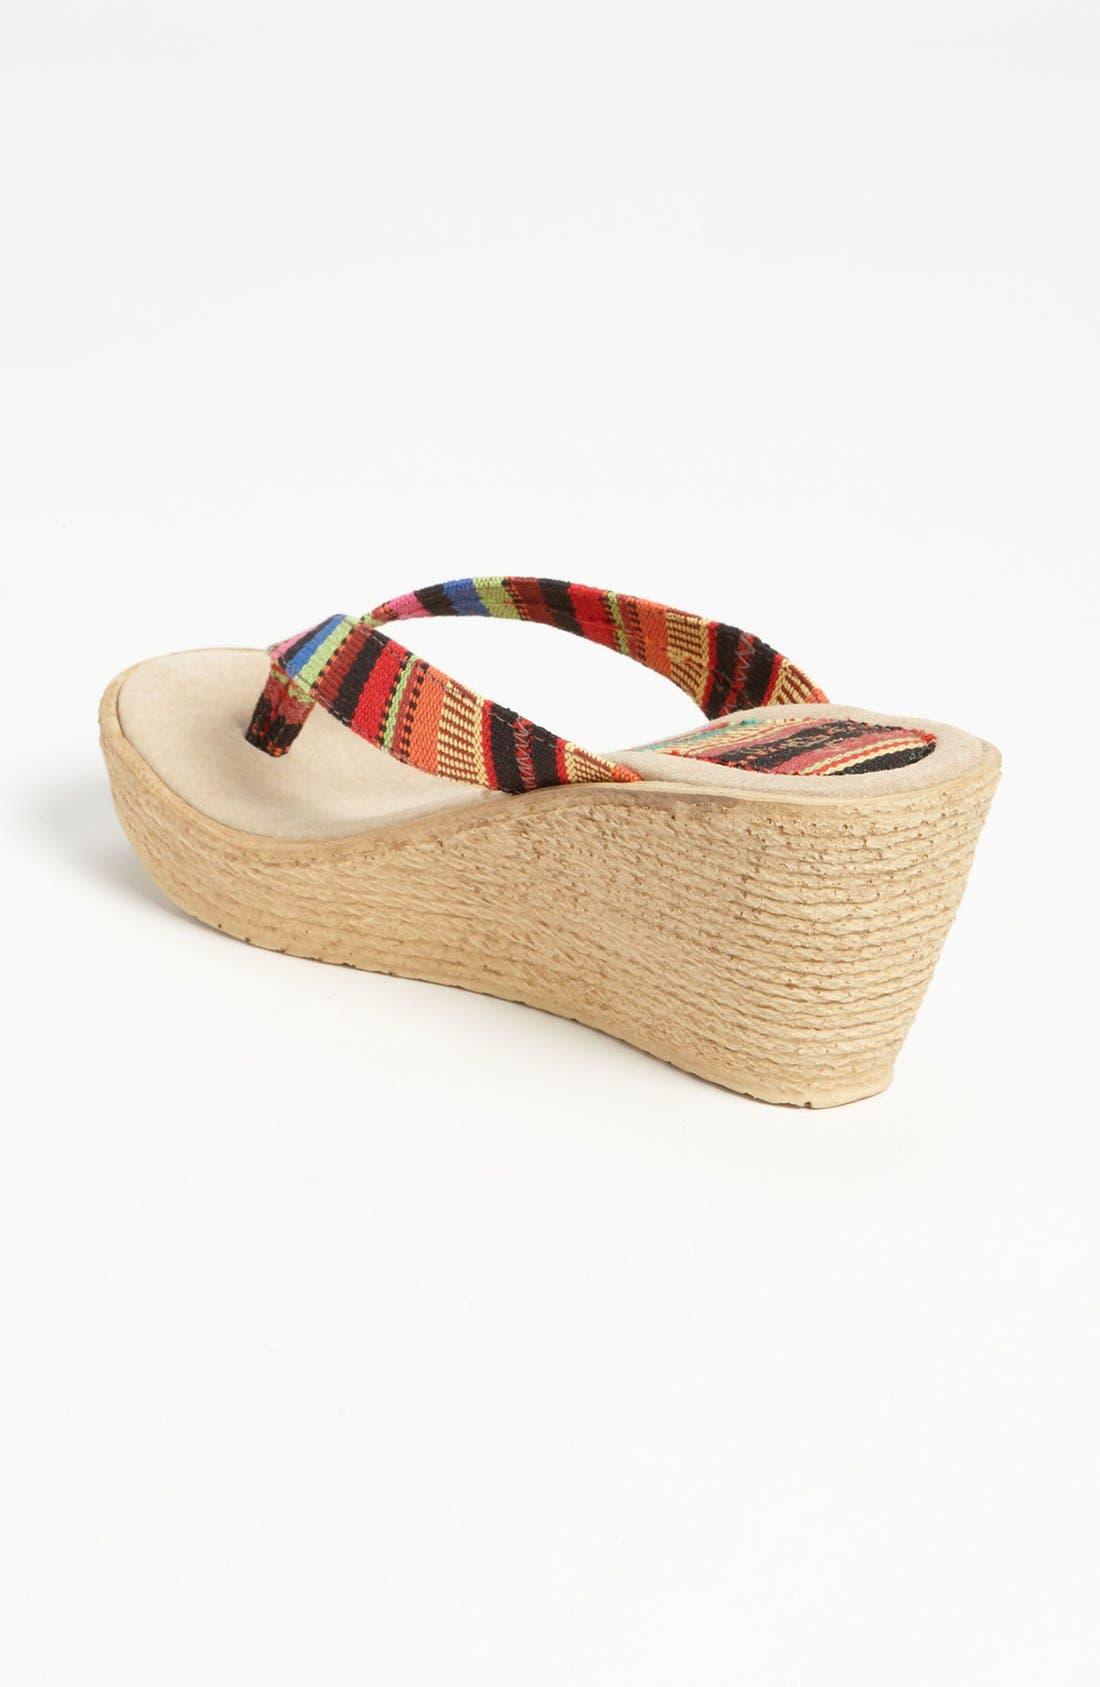 Alternate Image 2  - Sbicca 'Andes' Wedge Sandal